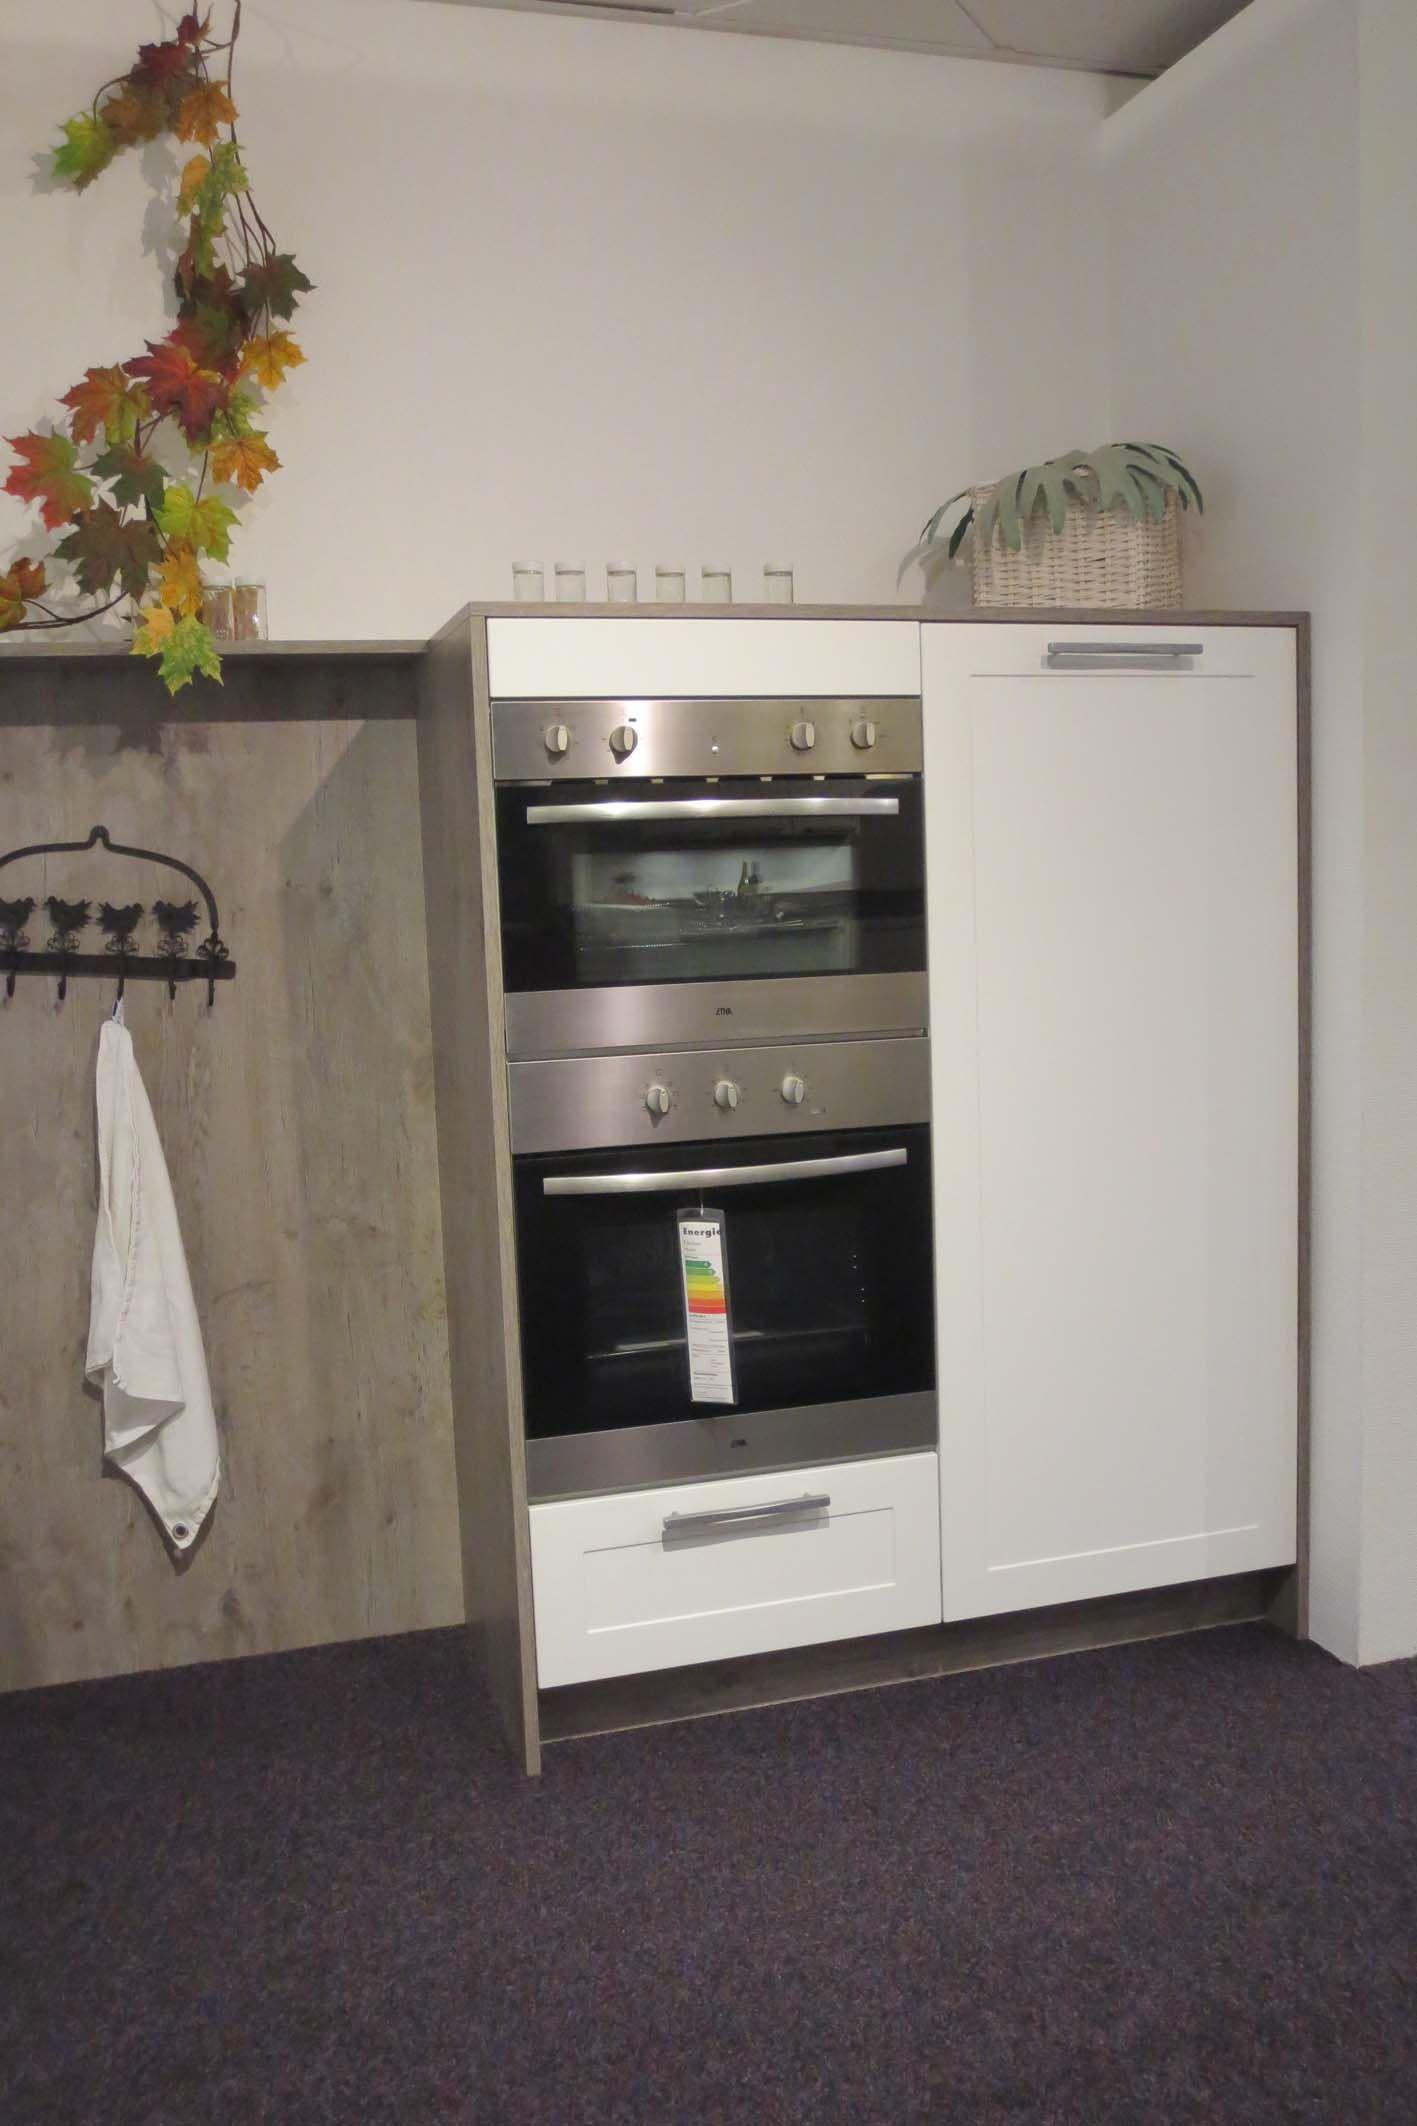 Kastenwand Keuken Te Koop : rechte keuken met kastenwand y107 49640 strakke tijdloze keuken met